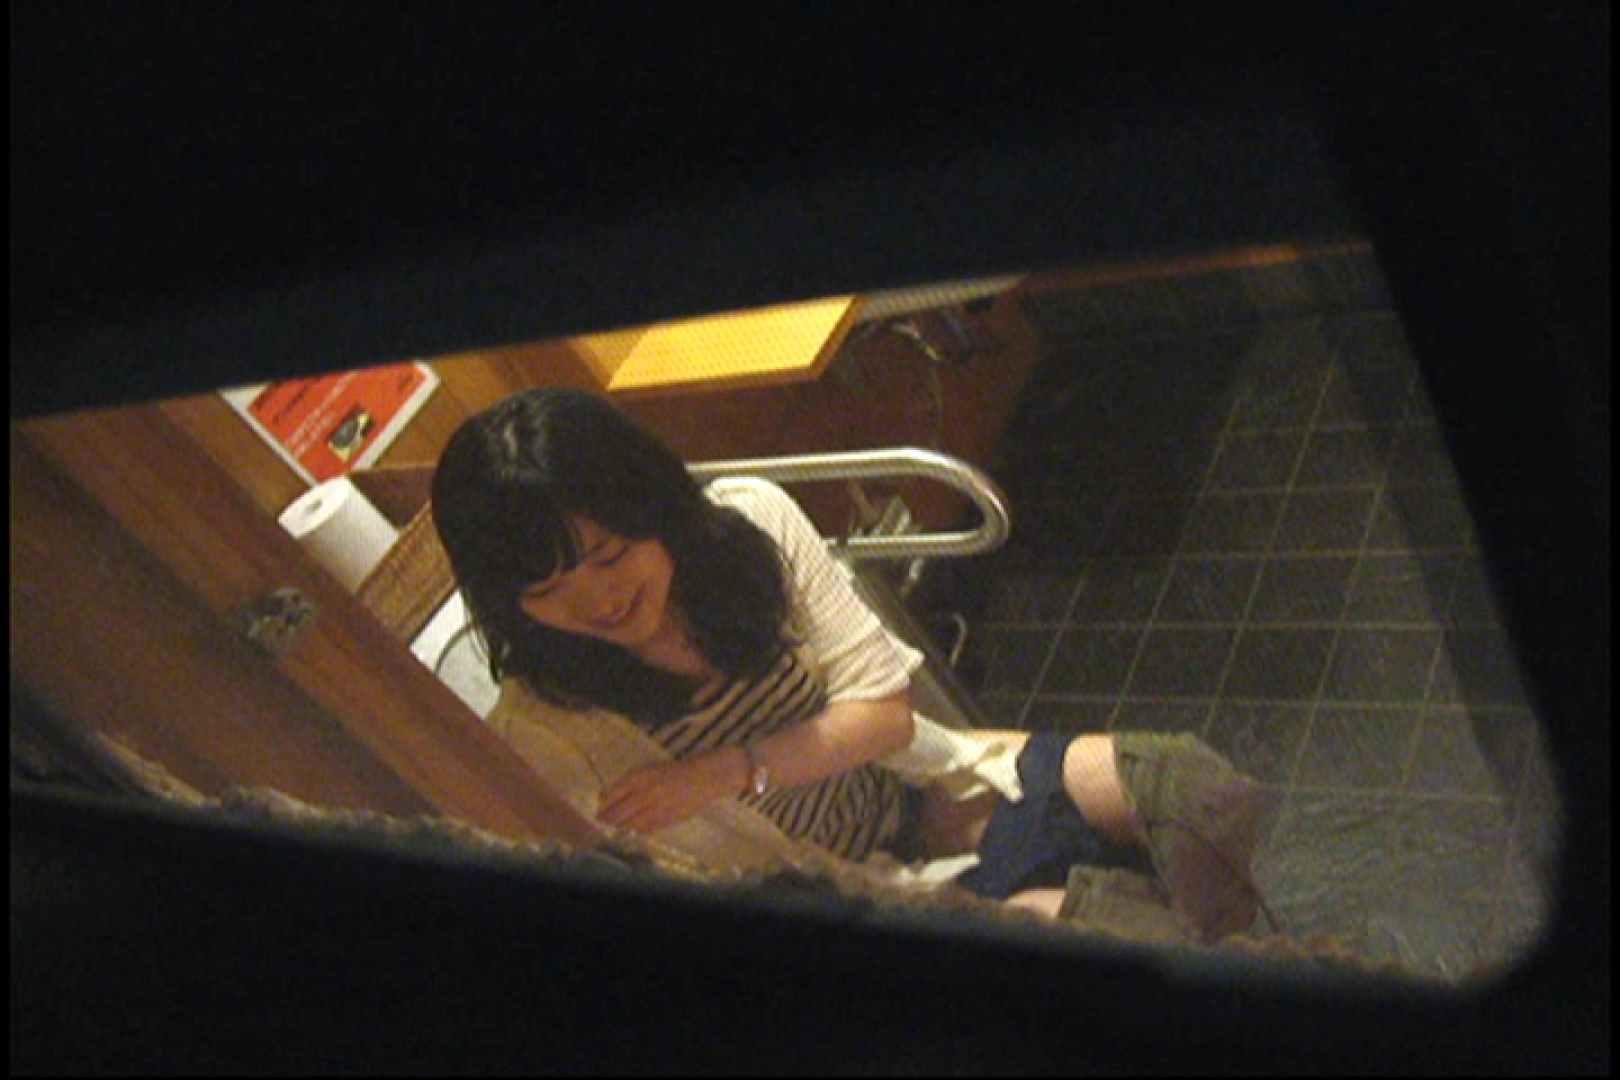 ヤリマンのオマンコ:No.4 美人の洋式kawaya内での様子を観察!:怪盗ジョーカー